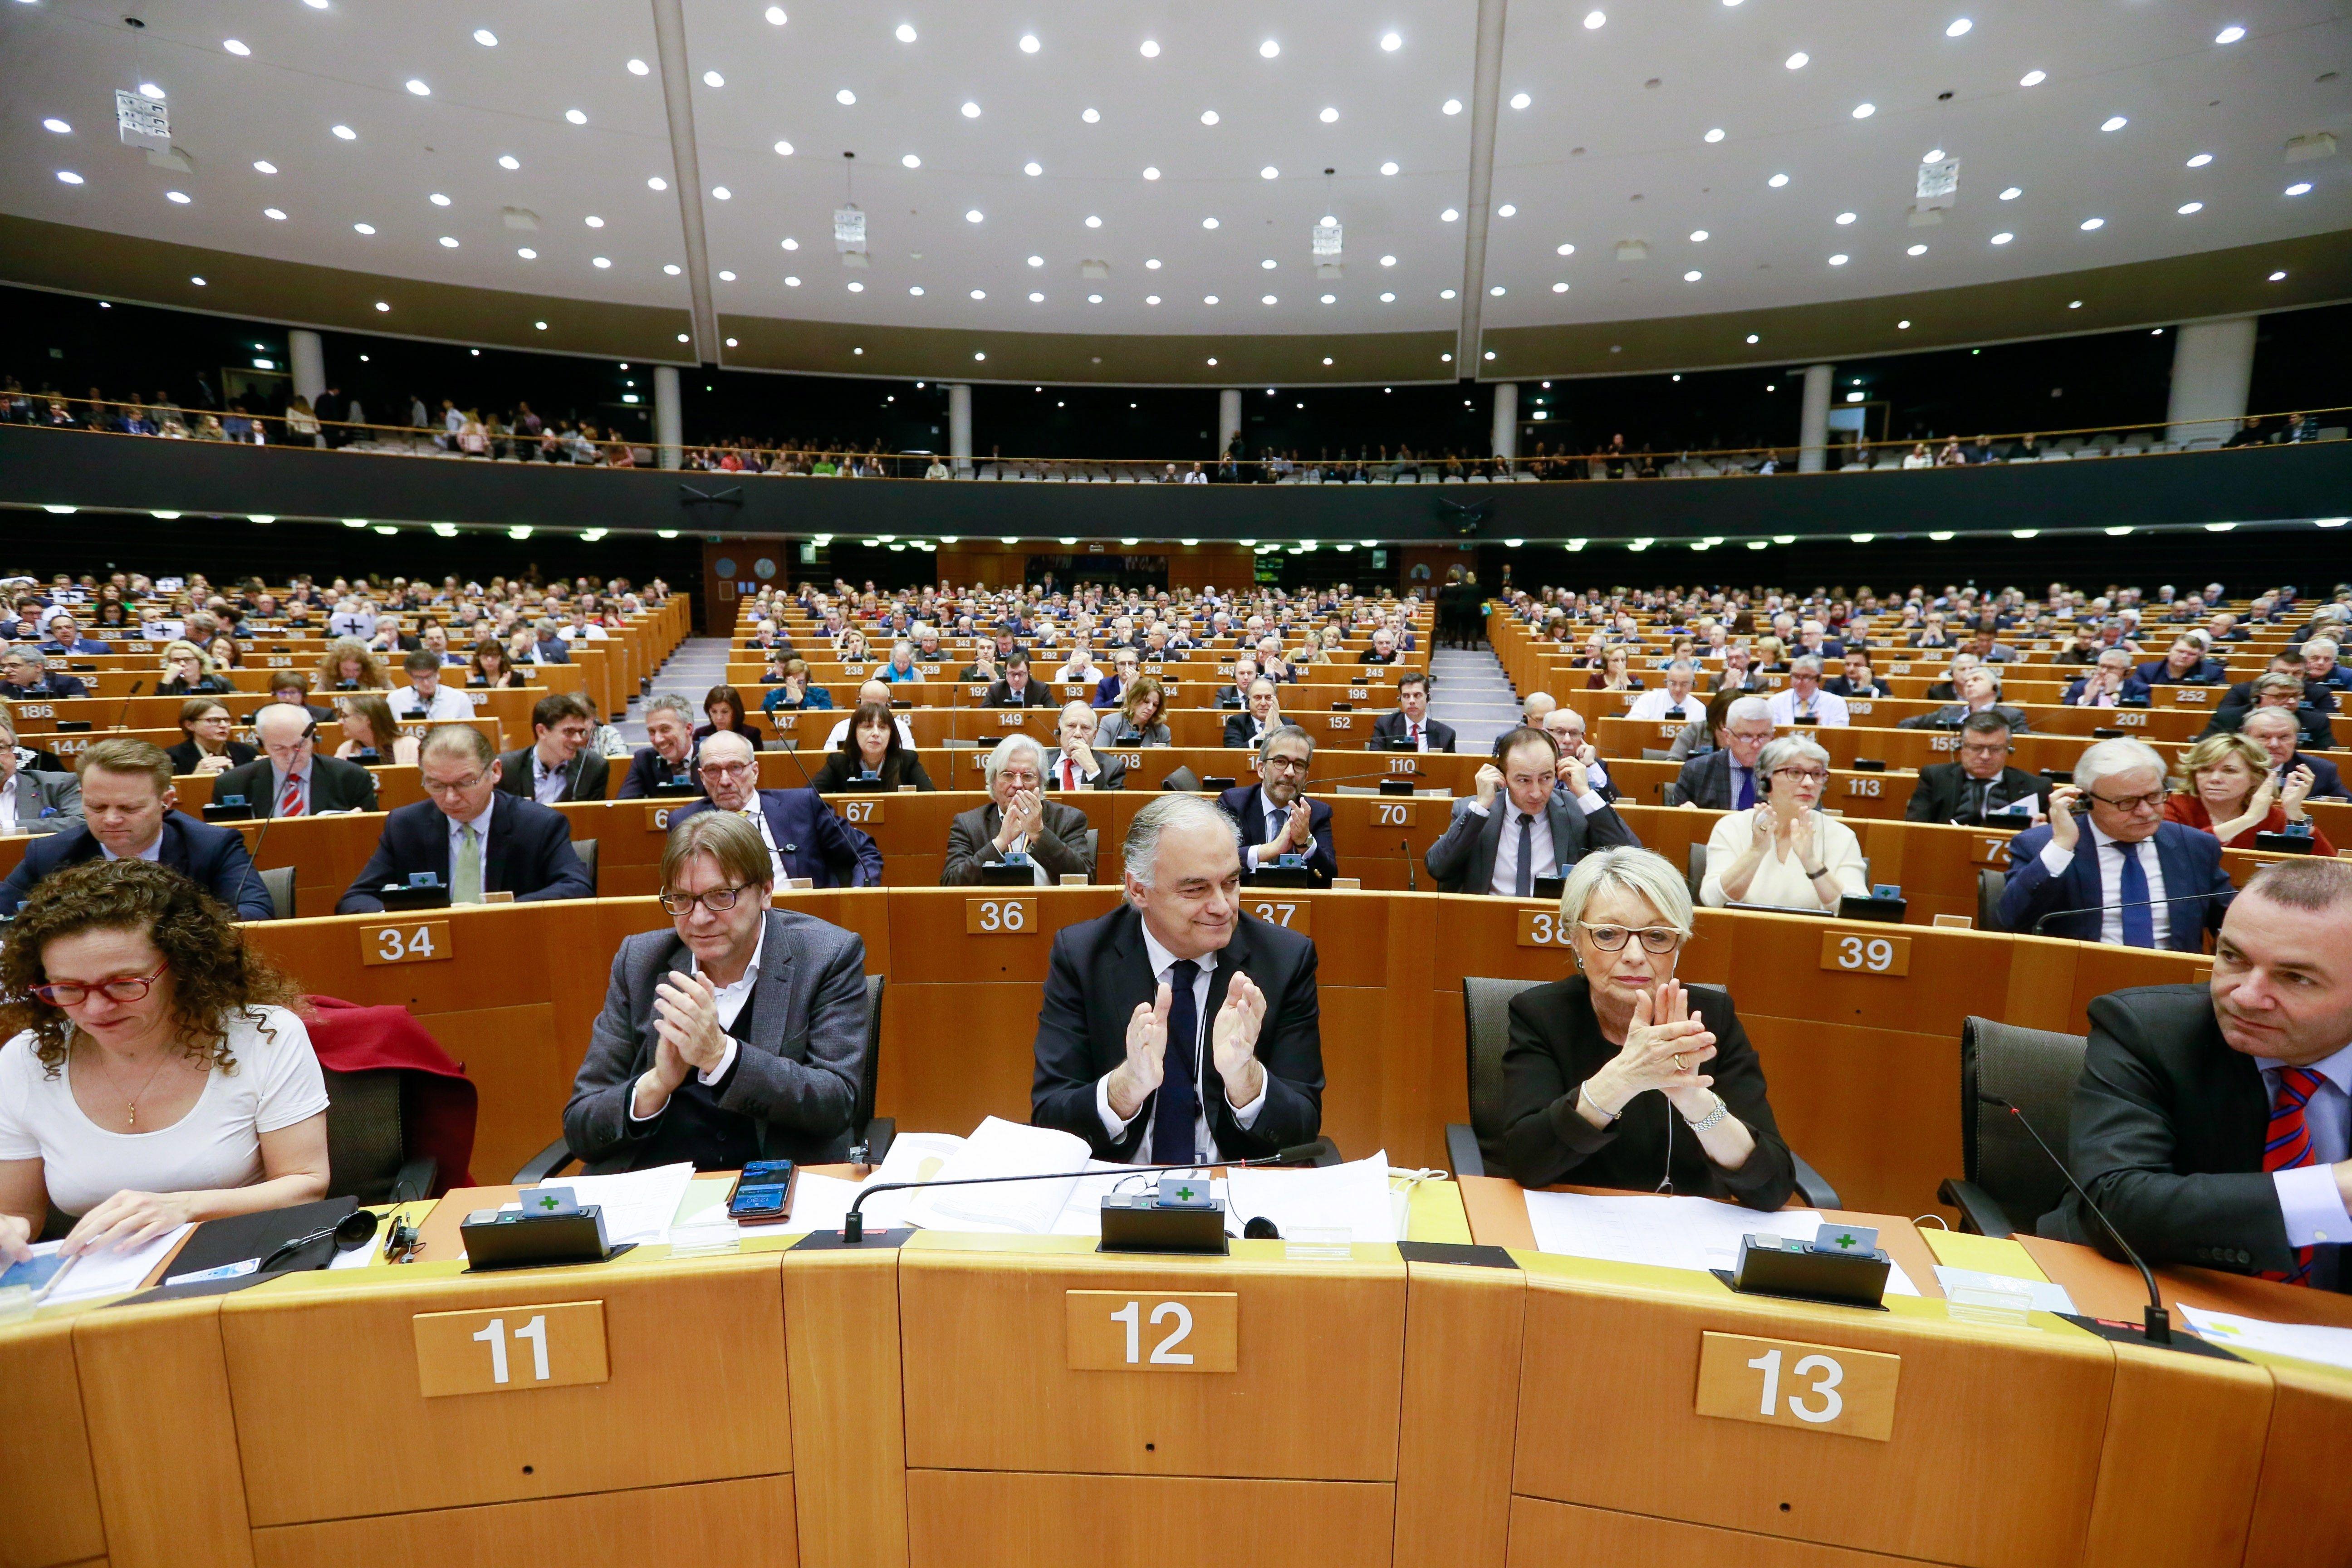 Vista general del hemiciclo durante una sesión del pleno del Parlamento Europeo. (Foto Prensa Libre: EFE)